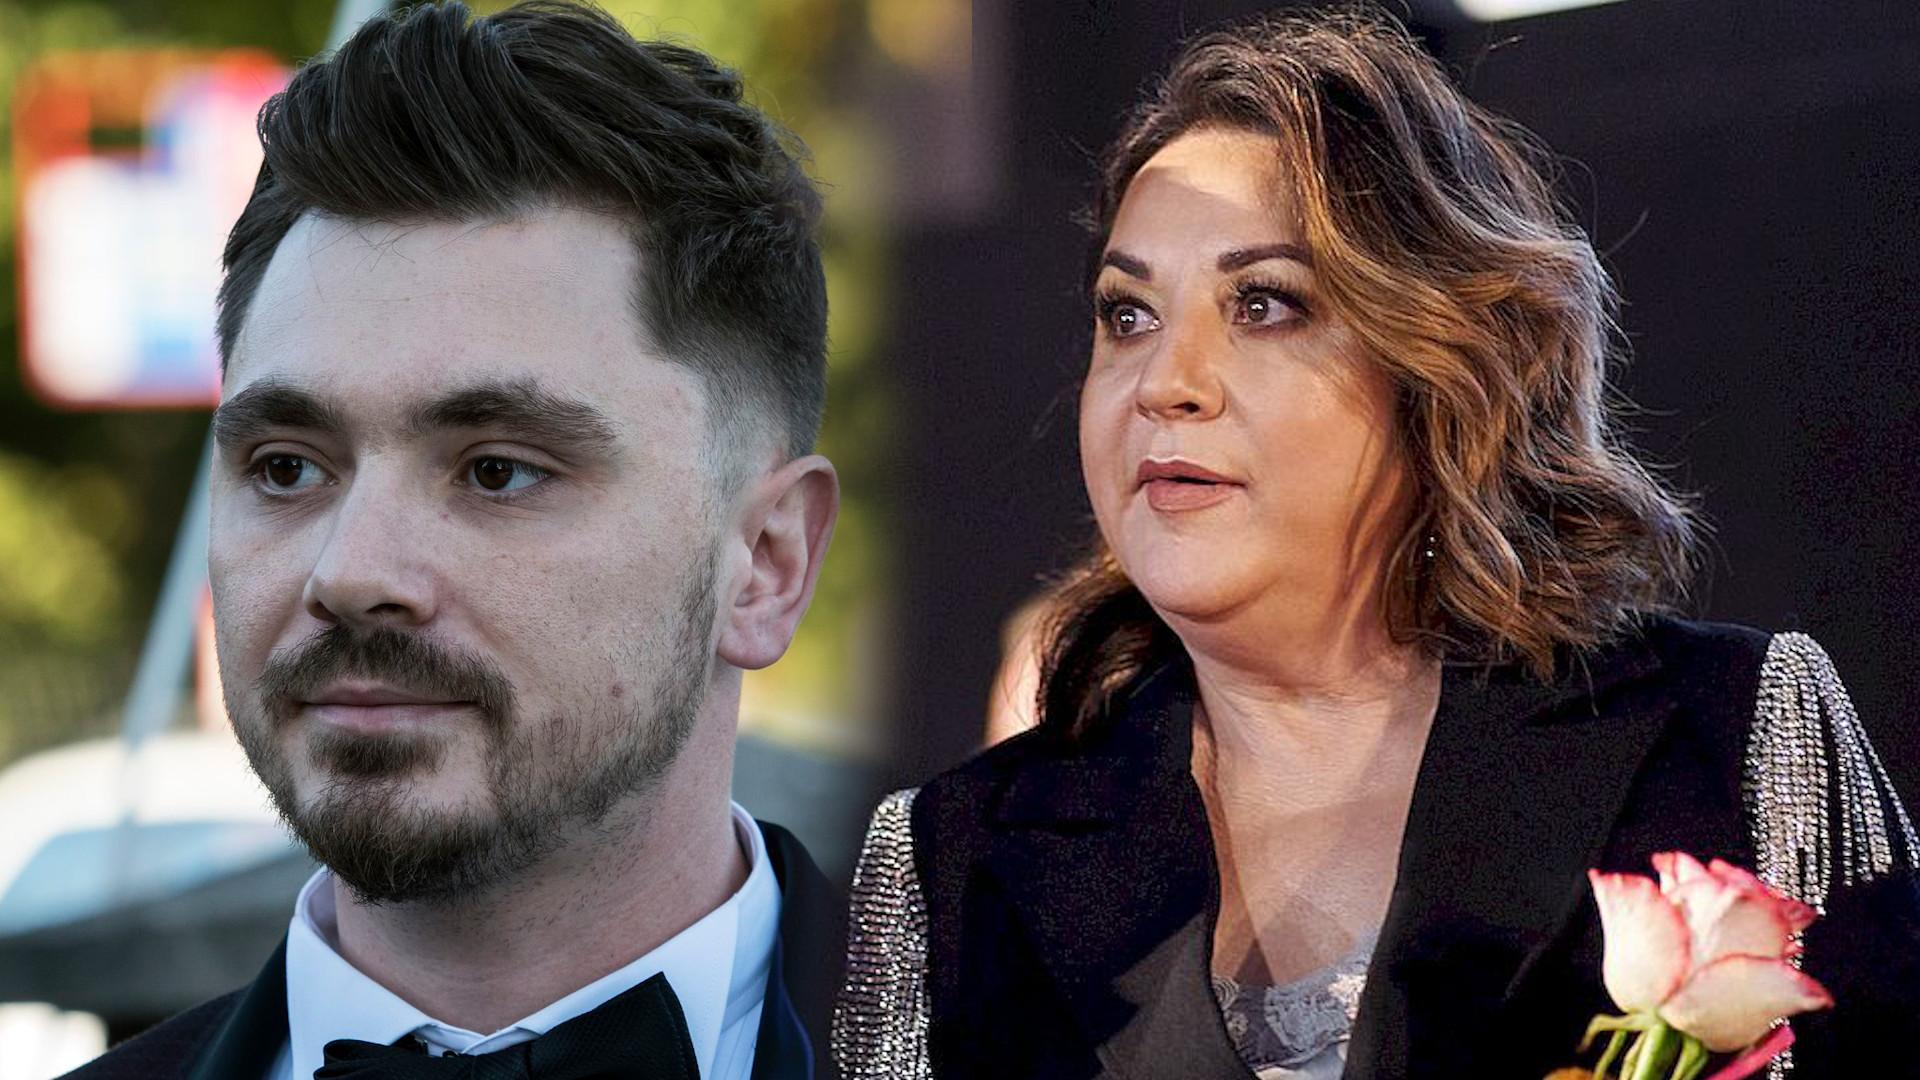 Danuta Martyniuk została postraszona PRAWNIKAMI! Dlatego przeprosiła Ewelinę?